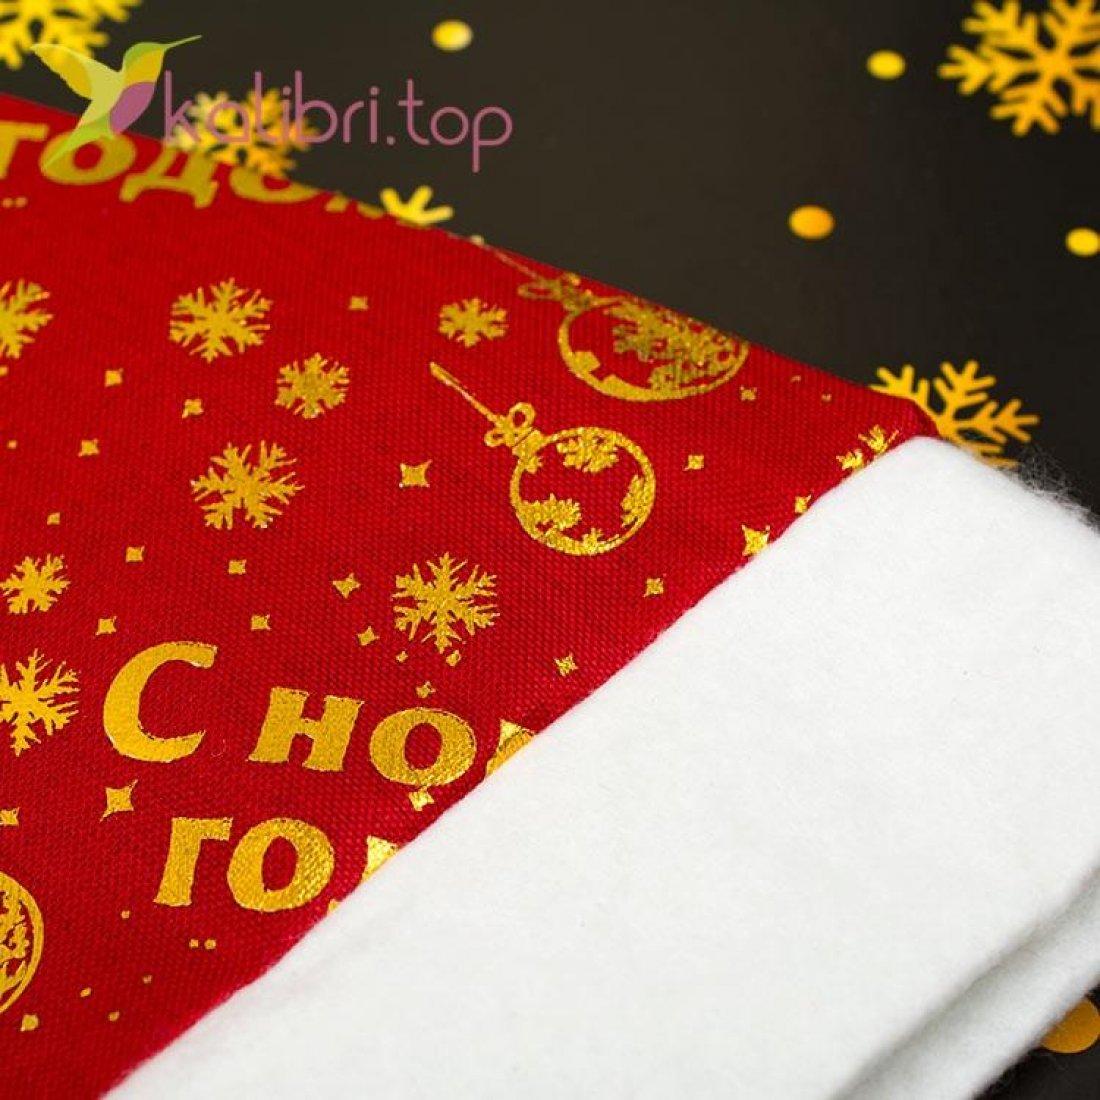 Новогодняя шапка Деда Мороза с надписью, оптом фото 2